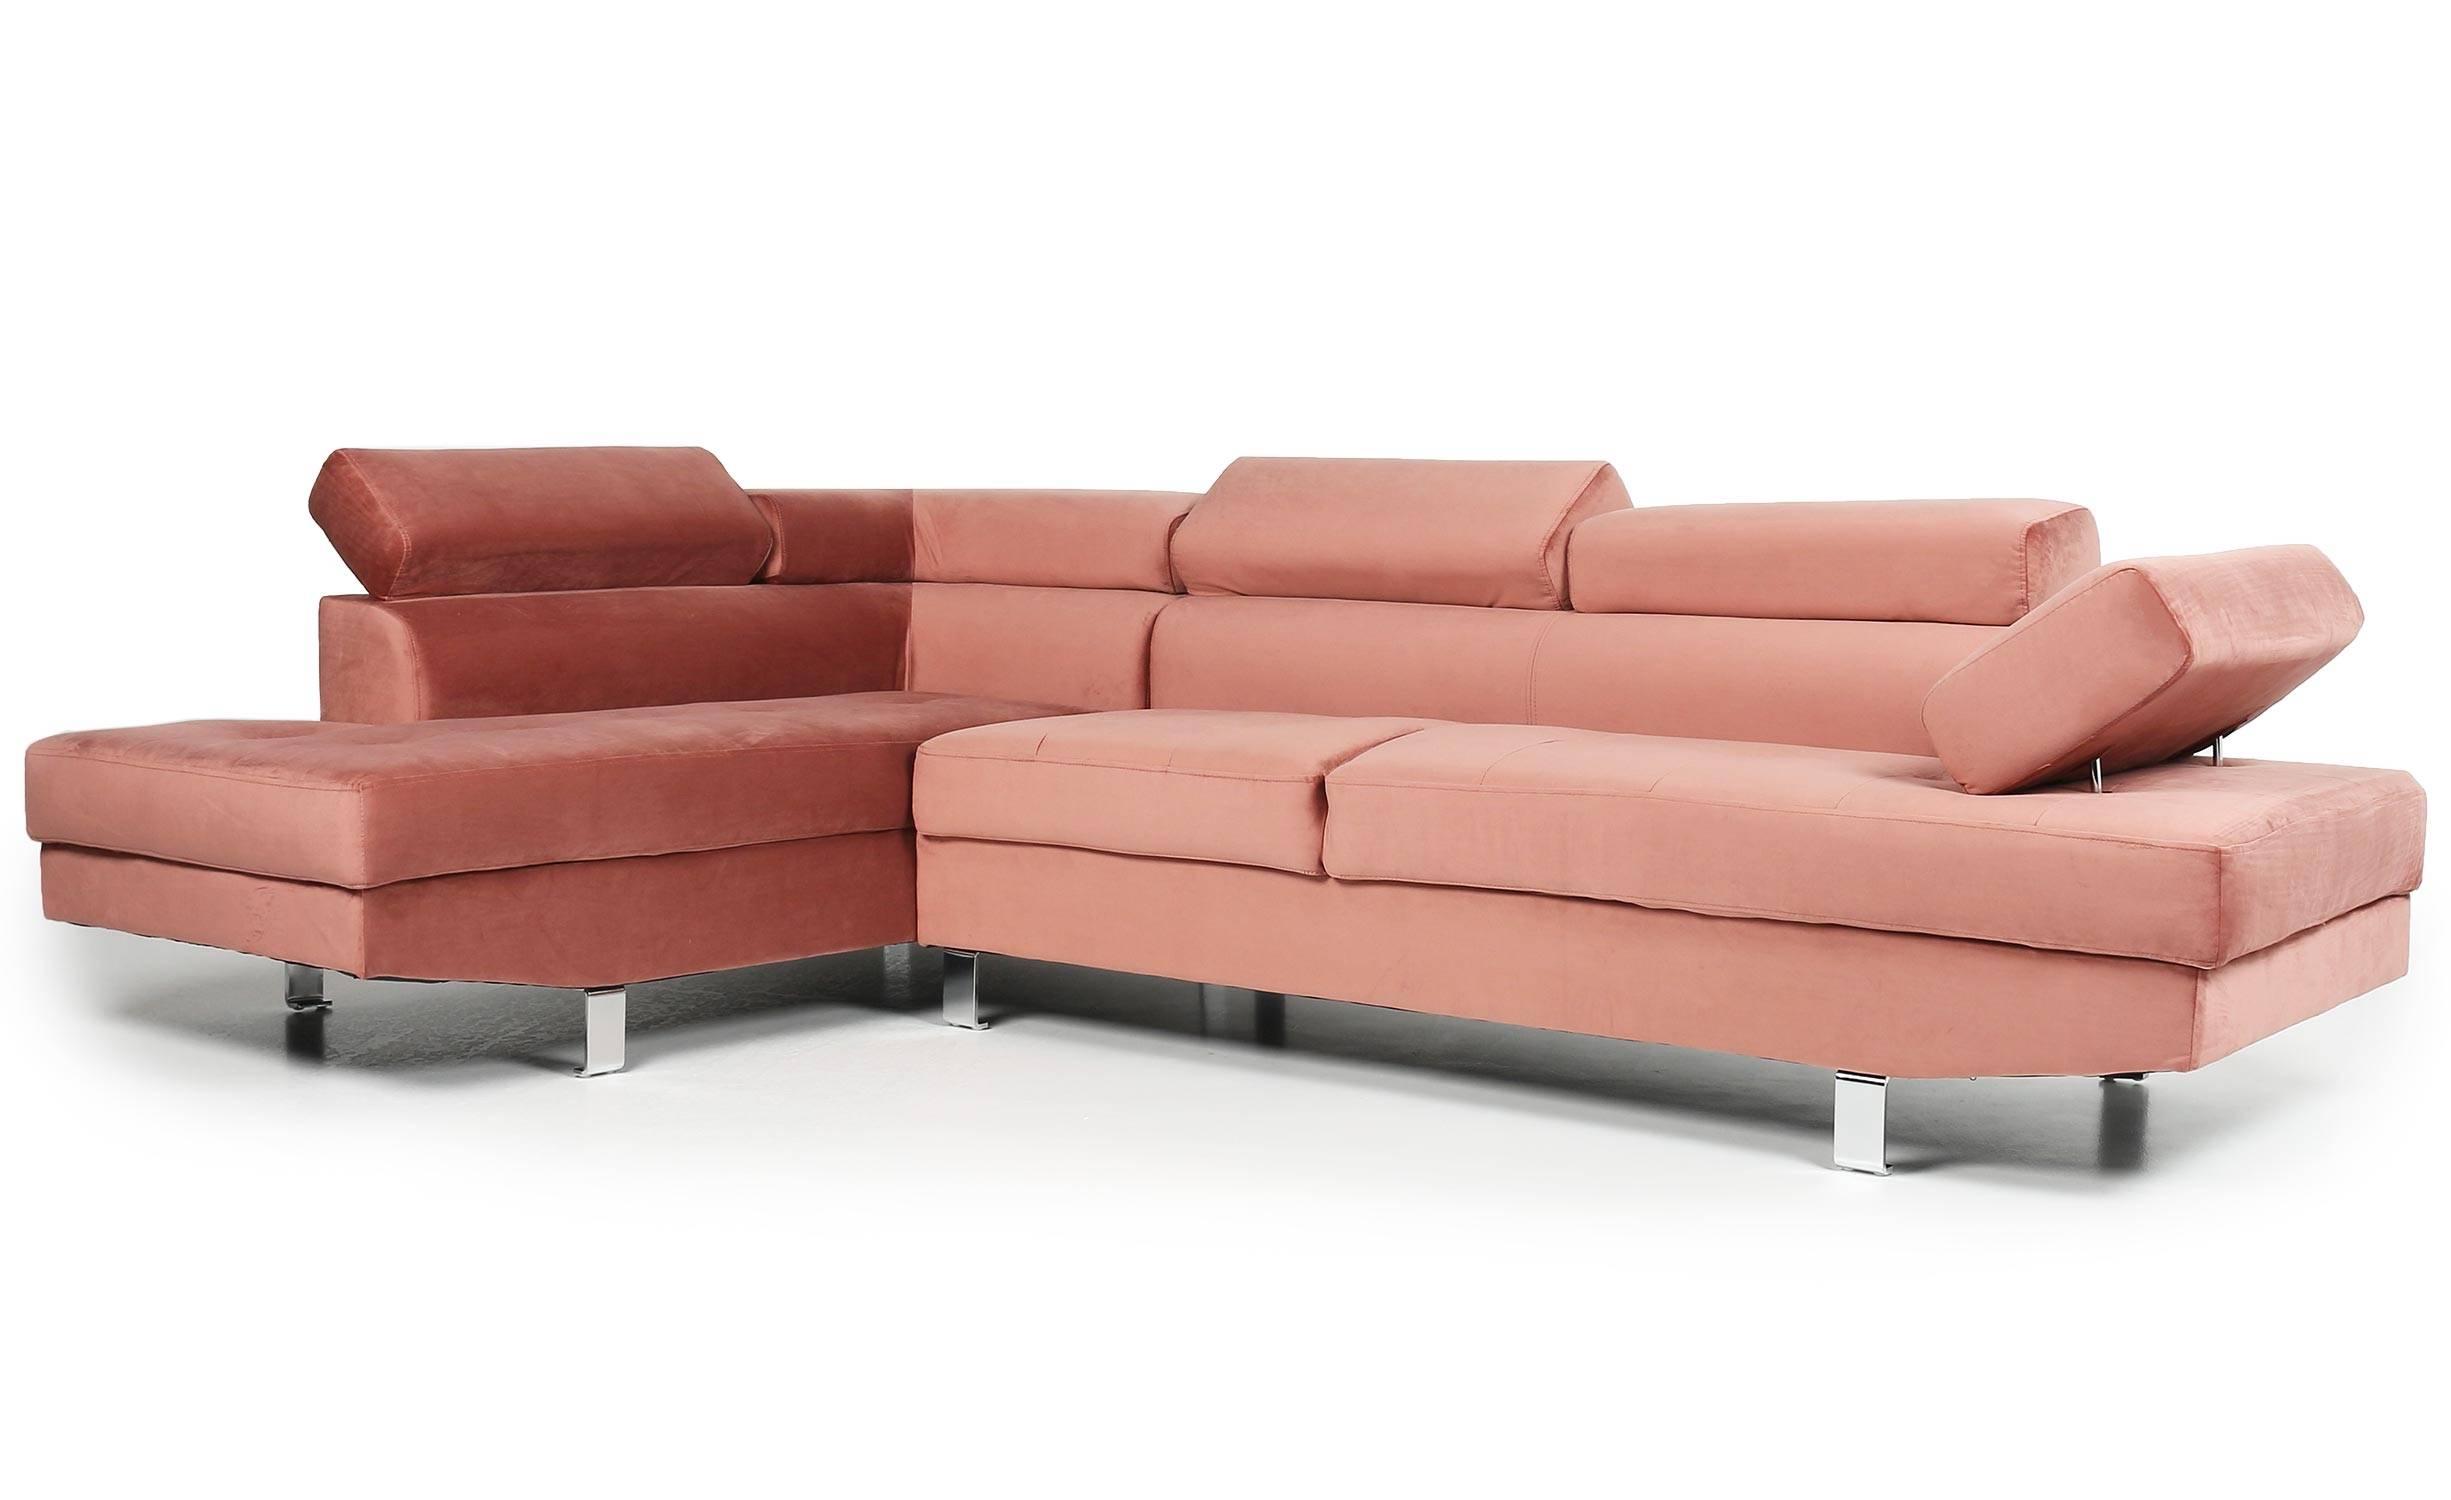 Canapé d'angle avec têtières relevables velours rose